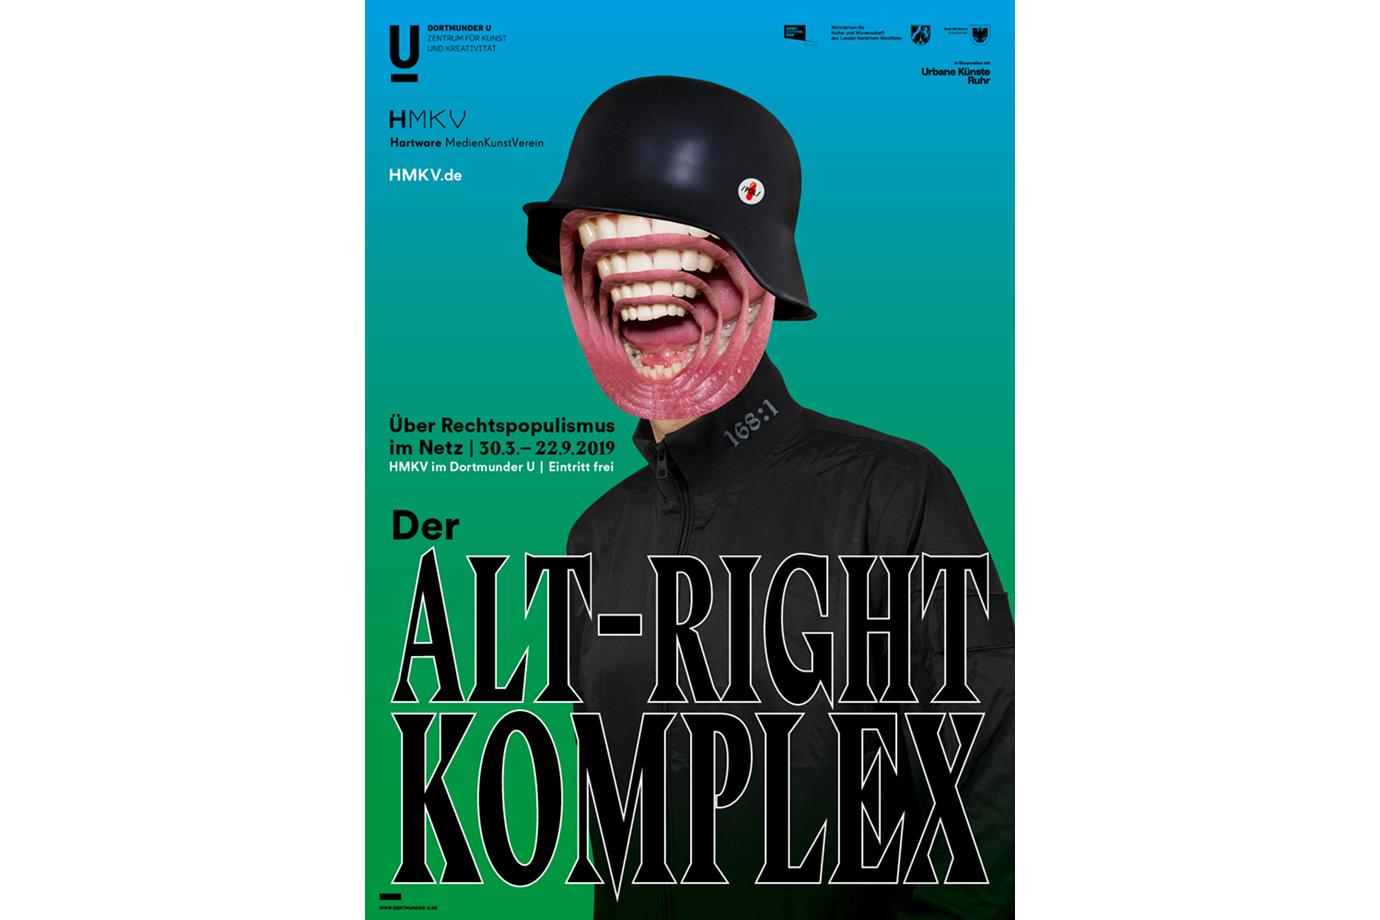 http://e-o-t.de/wordpress/wp-content/uploads/2019/04/2019_eot-ARK-Plakat3.jpg